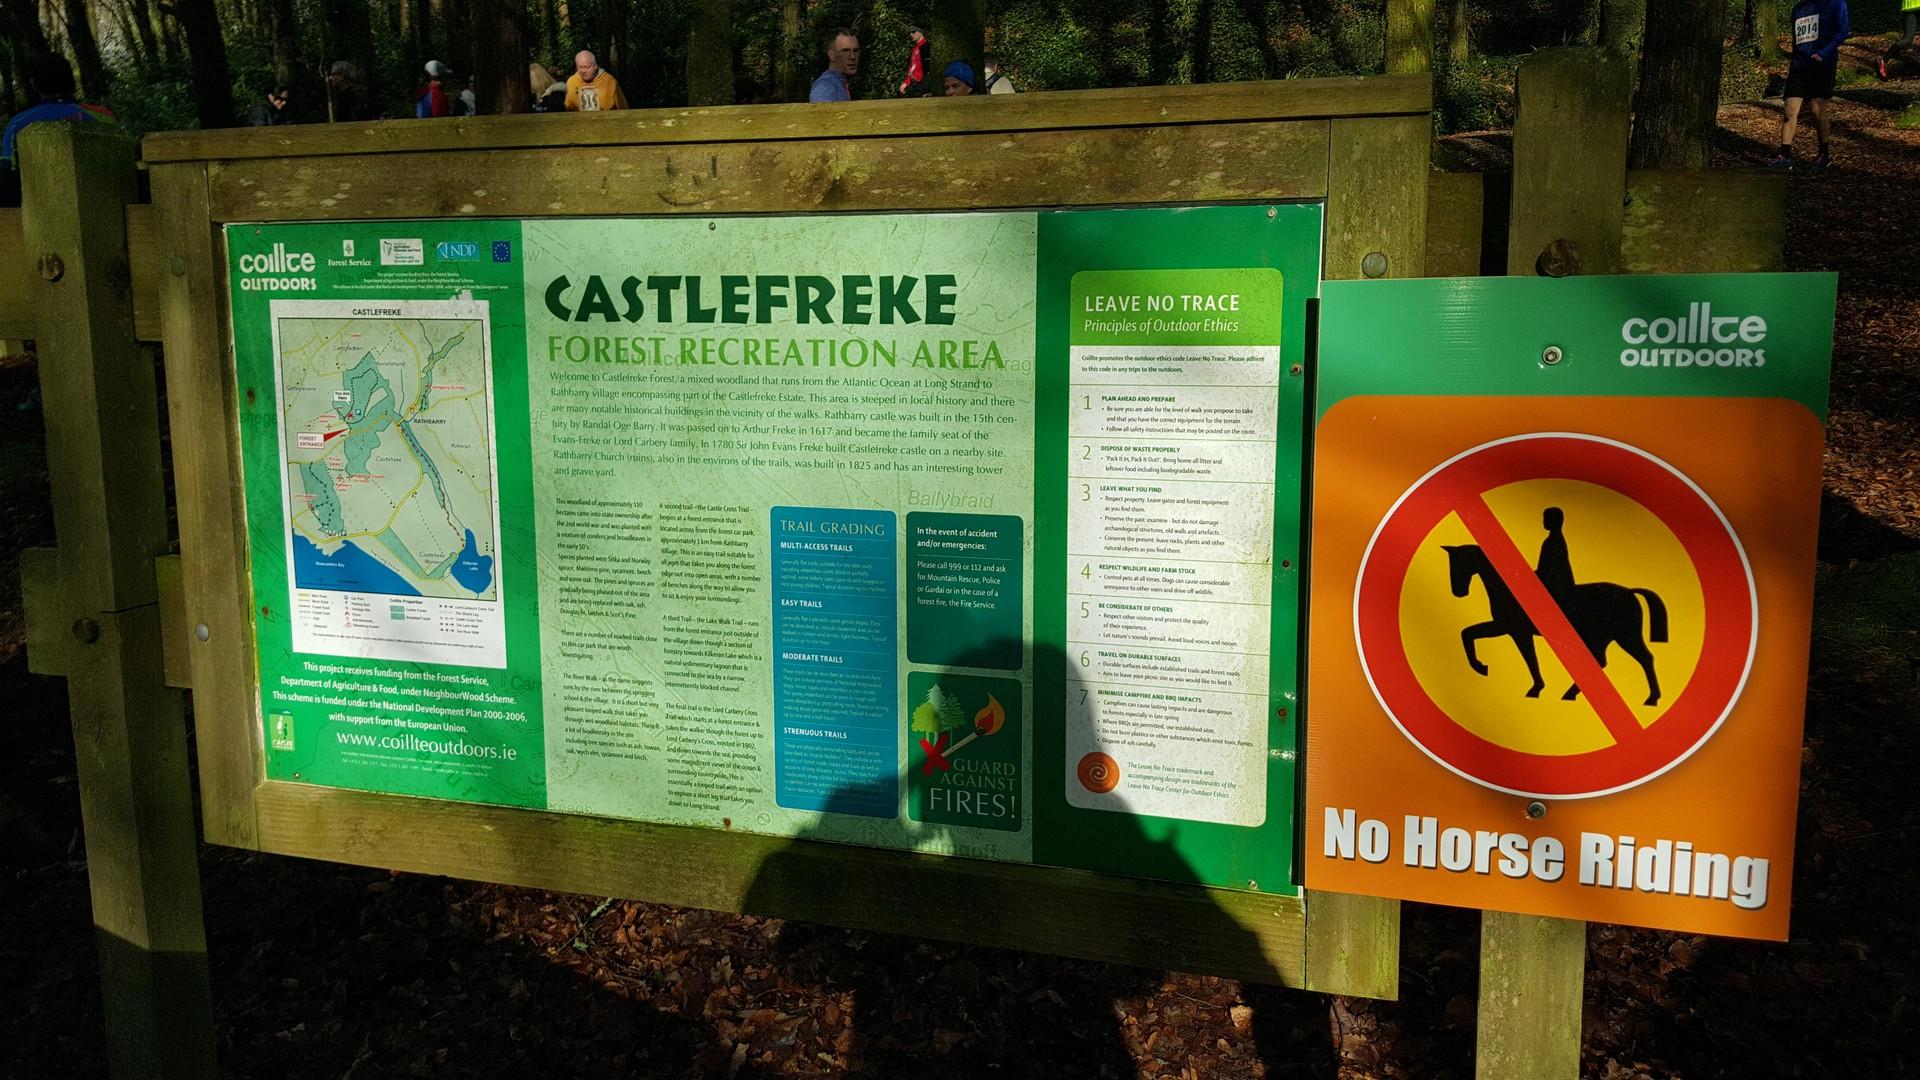 Castlefreke Forest